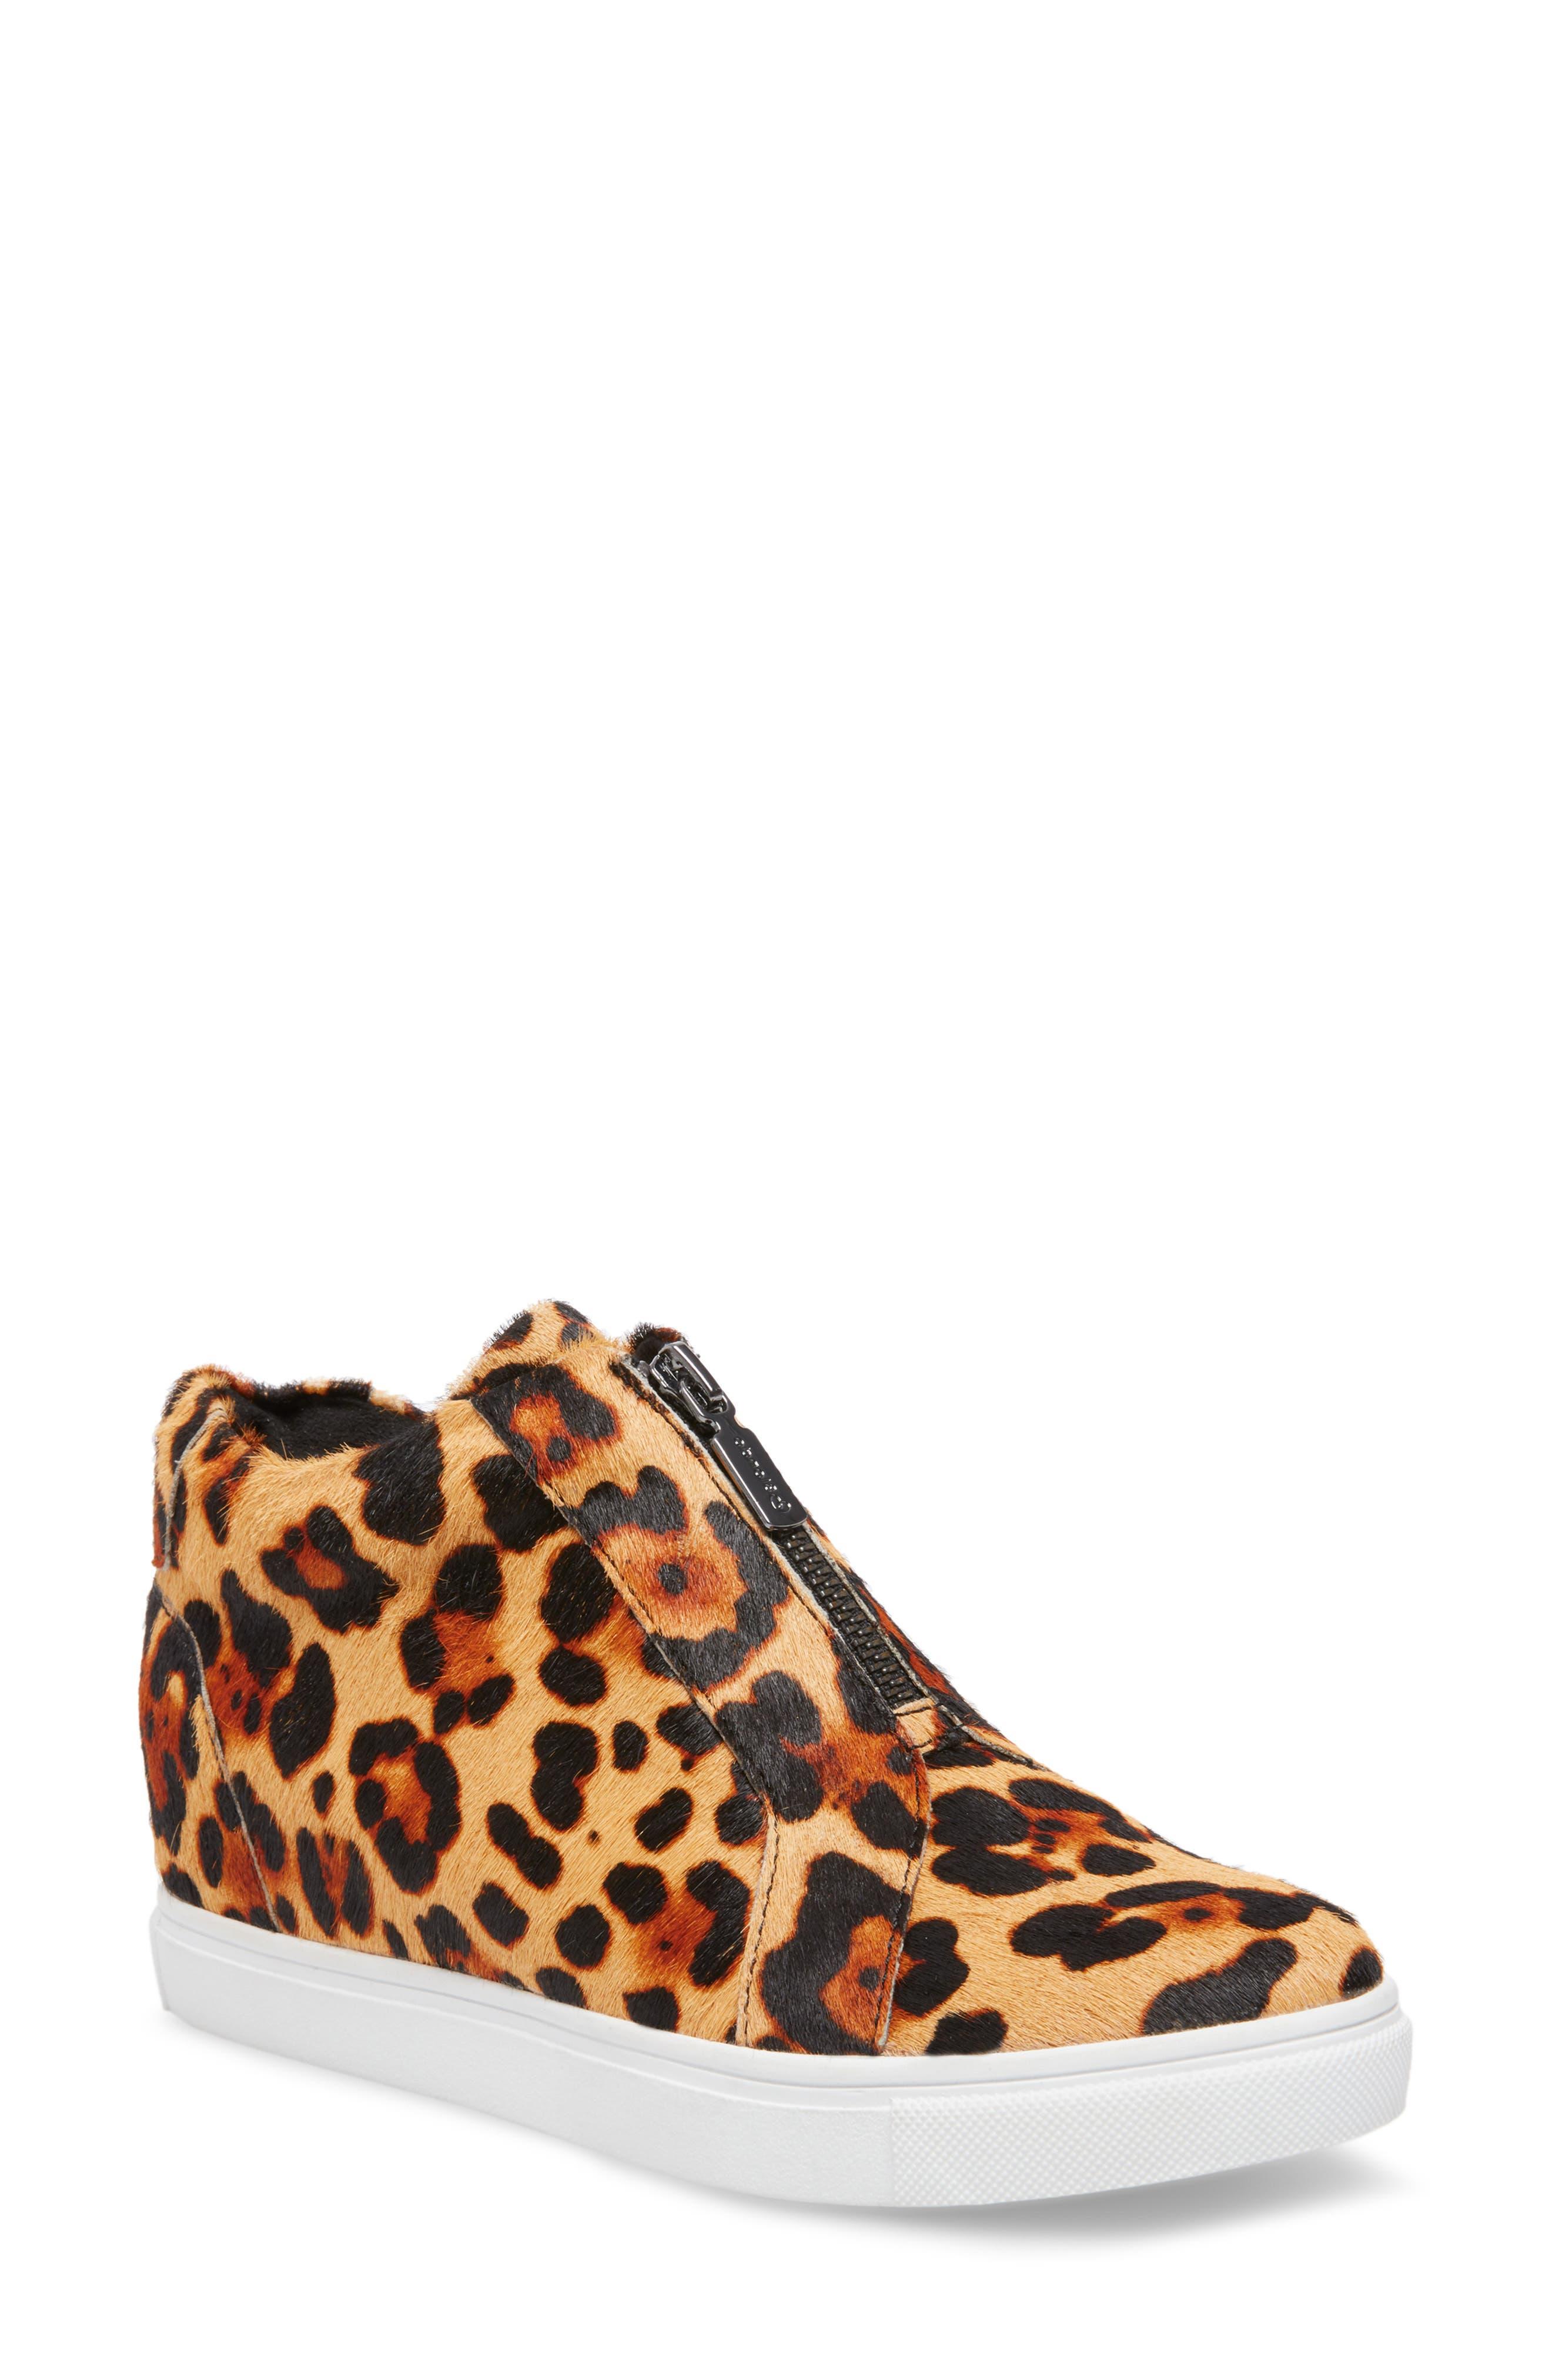 Glenda Waterproof Genuine Calf Hair Sneaker Bootie by Blondo